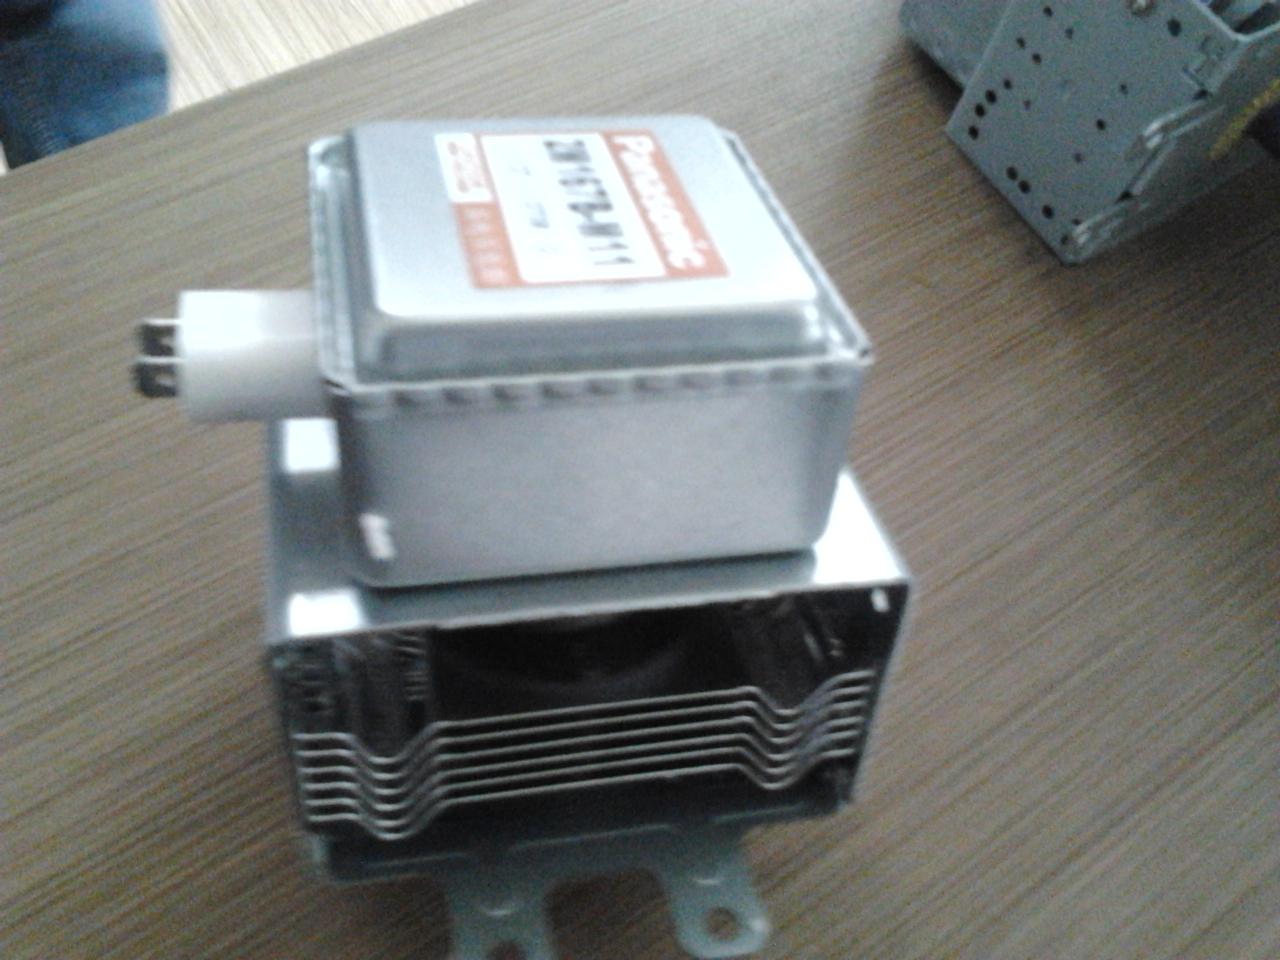 一套微波电源包括的配件有磁控管,电源等